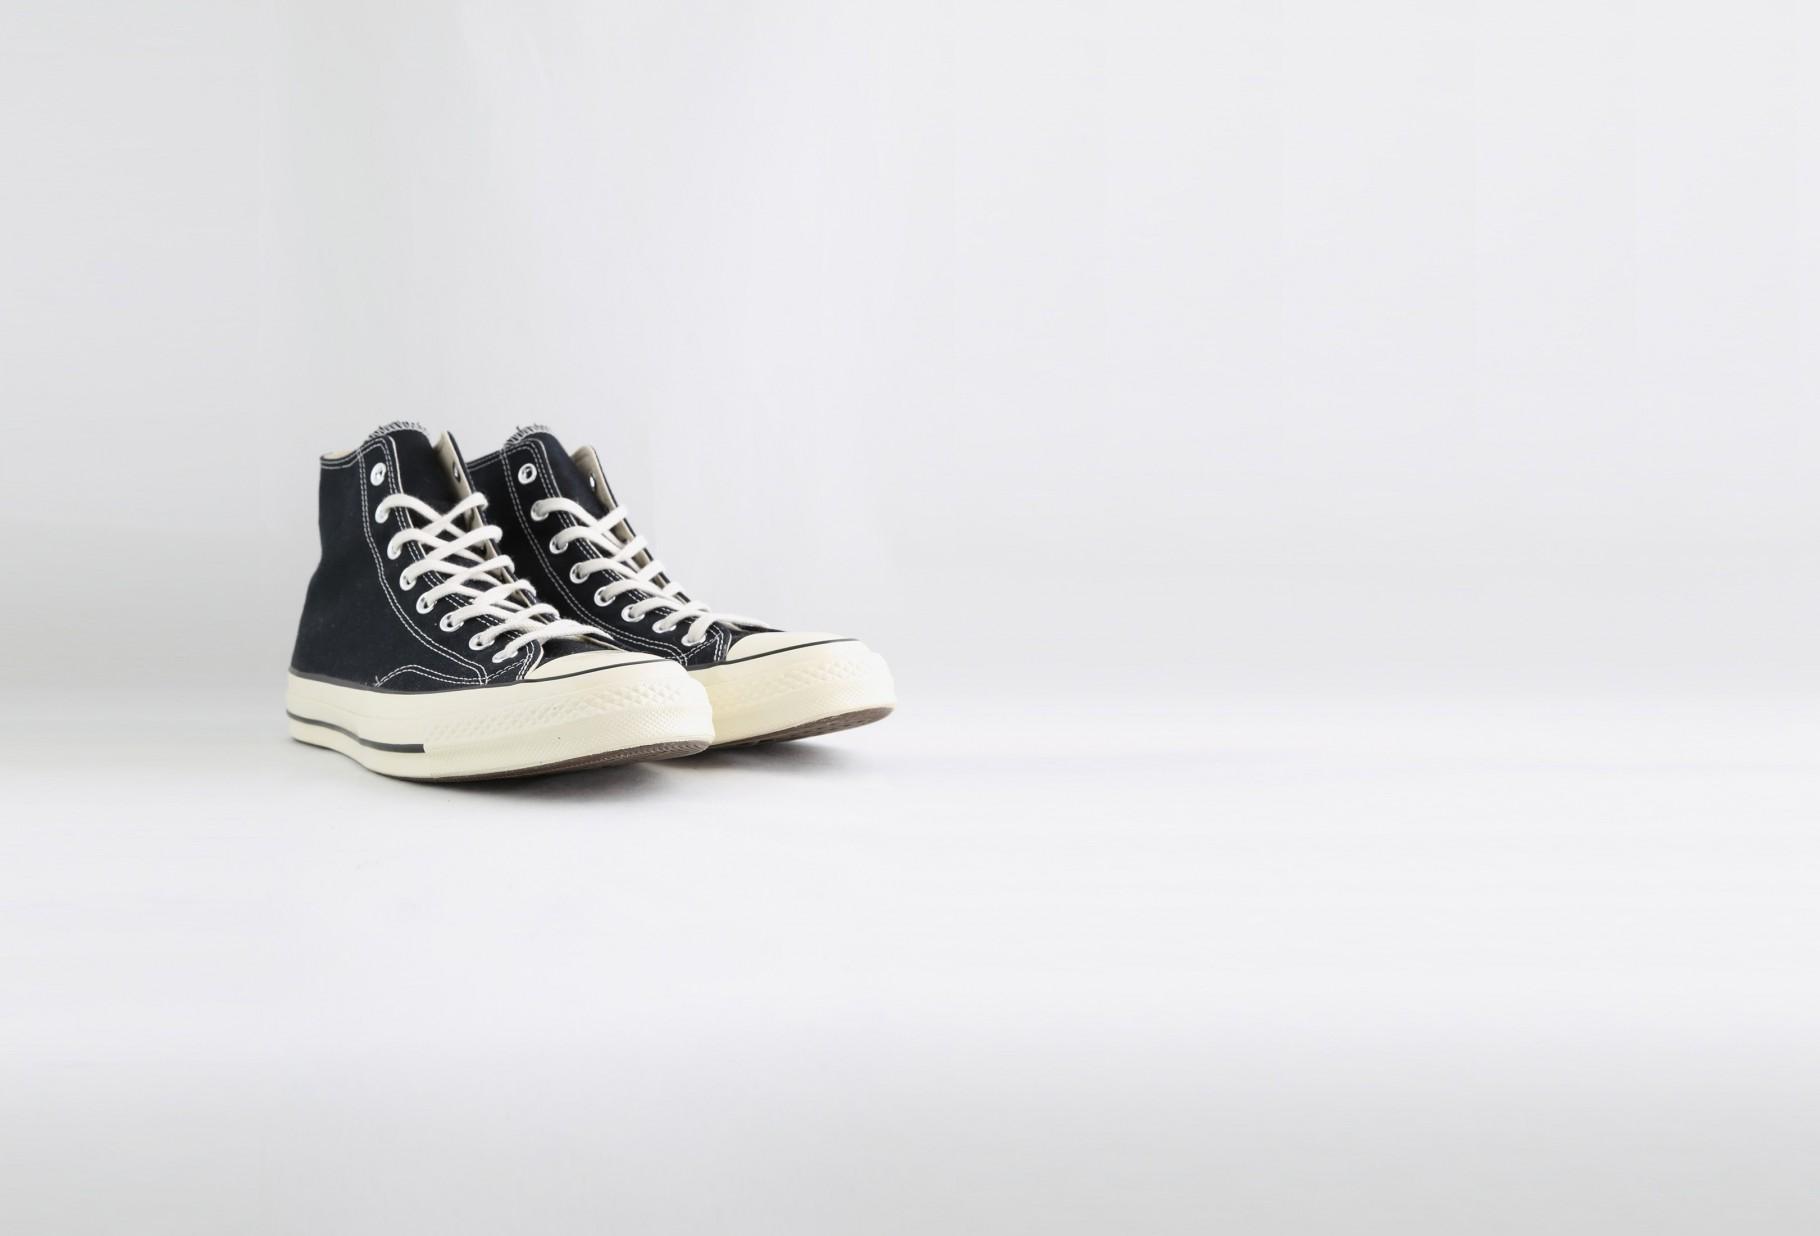 CONVERSE / Ctas 70's hi Black